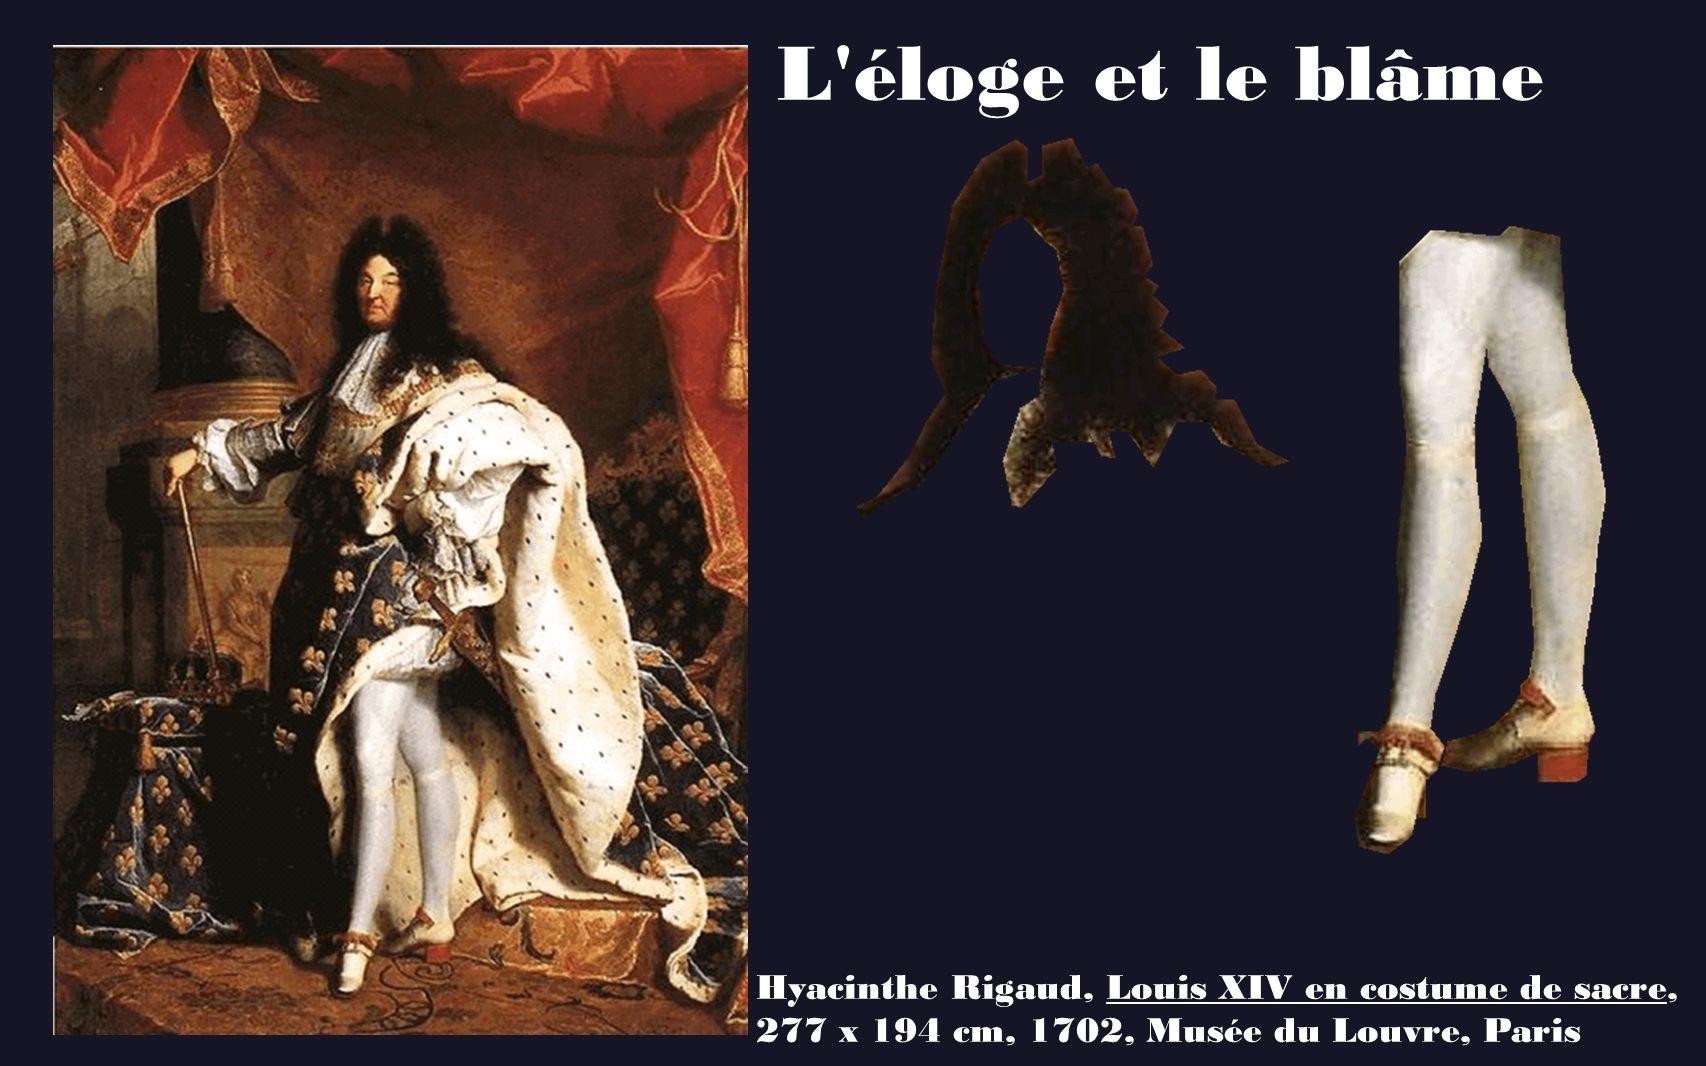 L'éloge et le blâme Hyacinthe Rigaud, Louis XIV en costume de sacre, 277 x 194 cm, 1702, Musée du Louvre, Paris